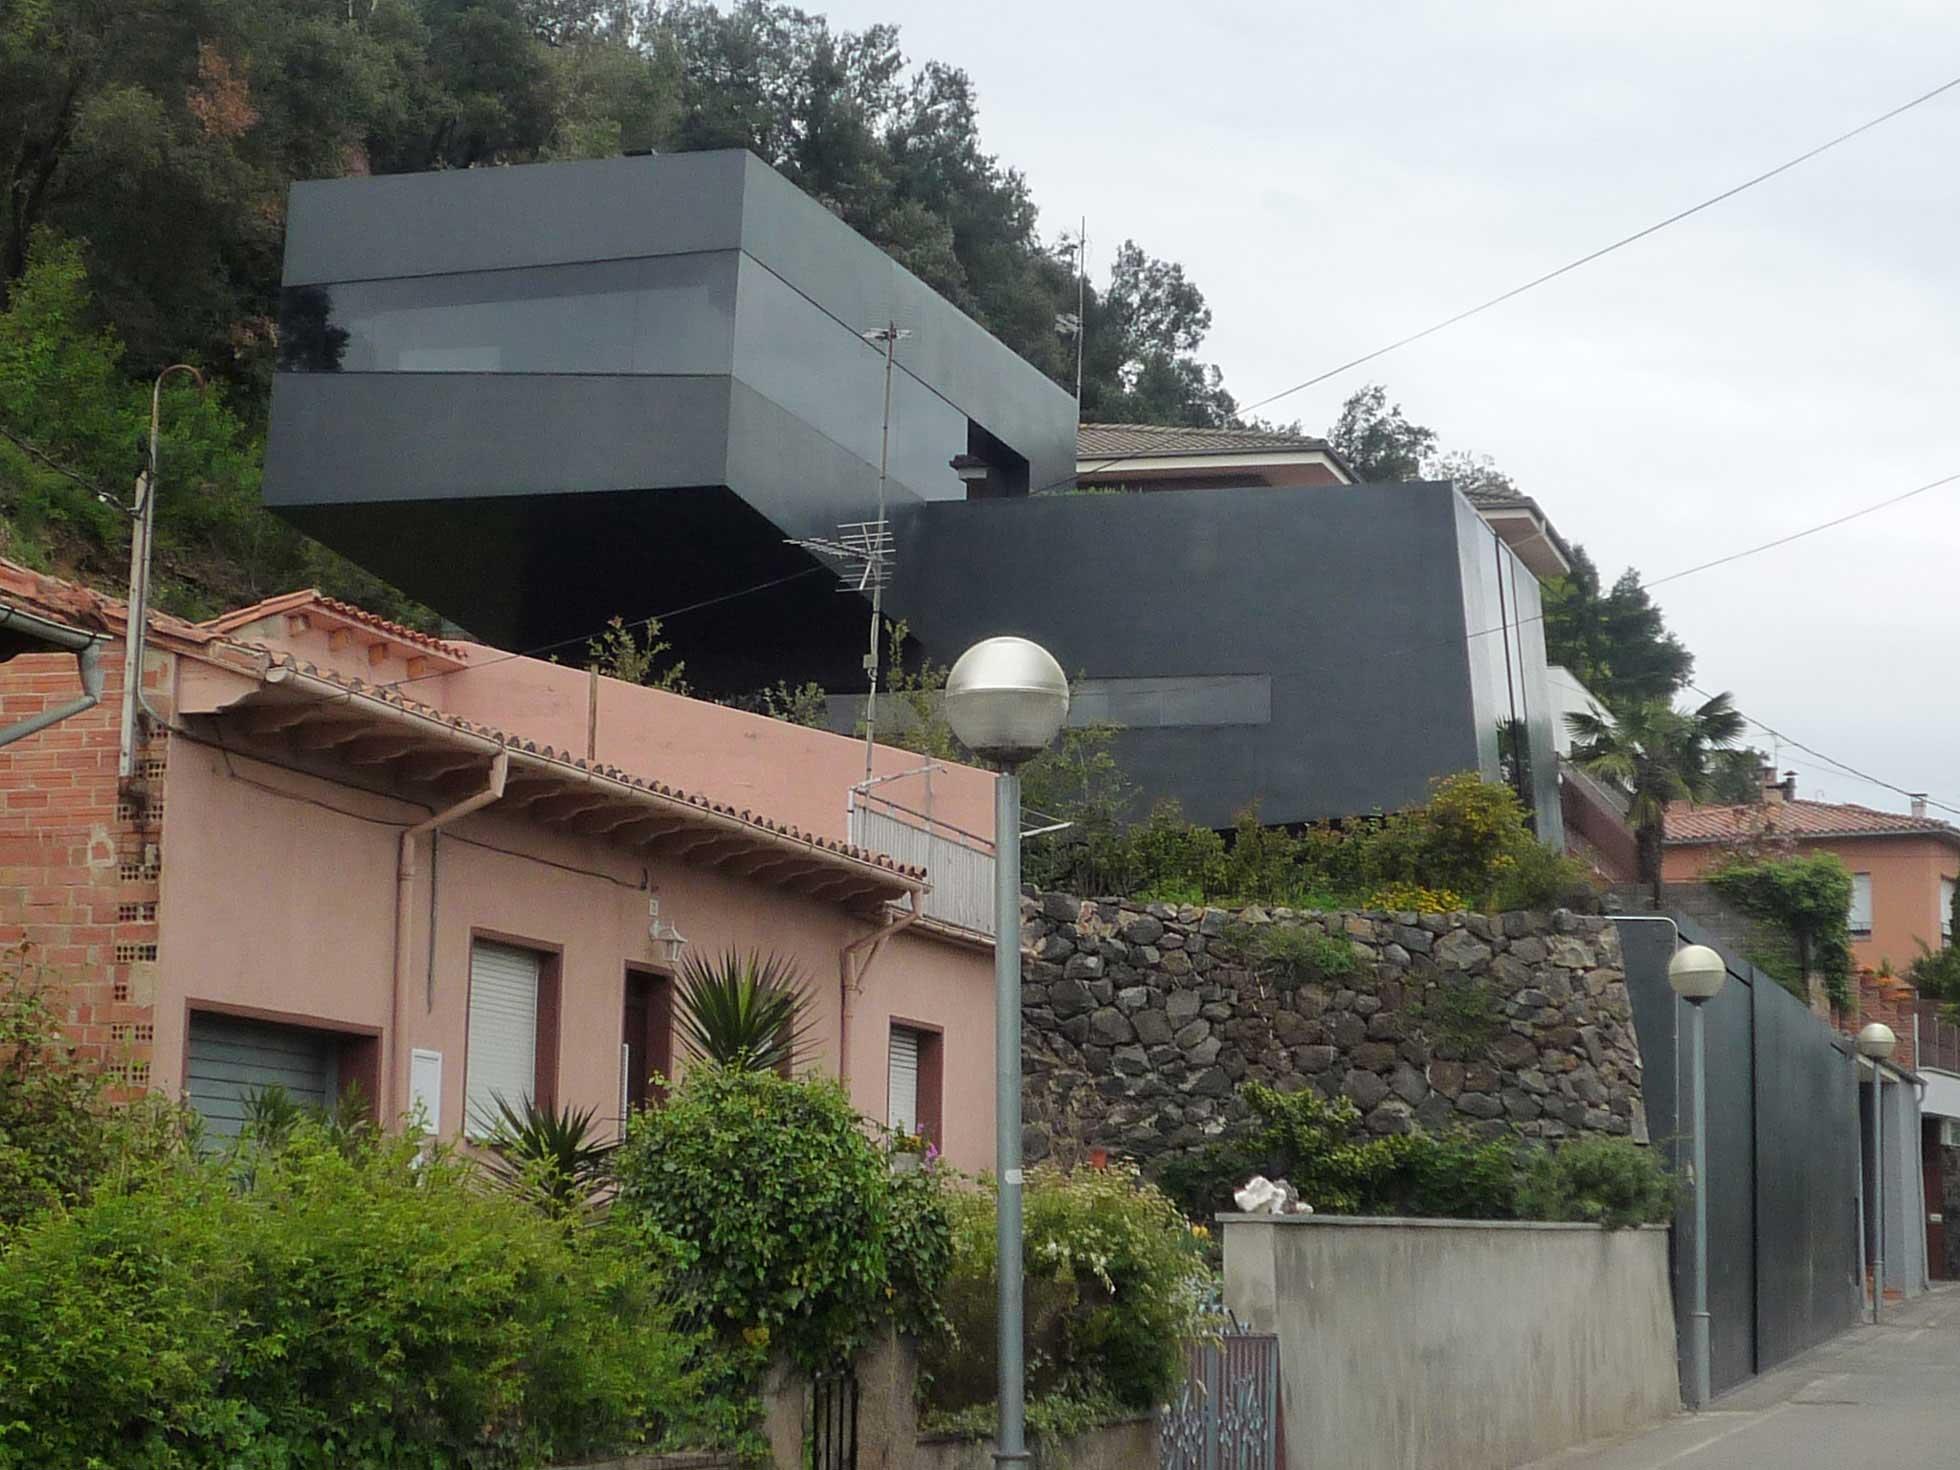 House for a carpenter 2